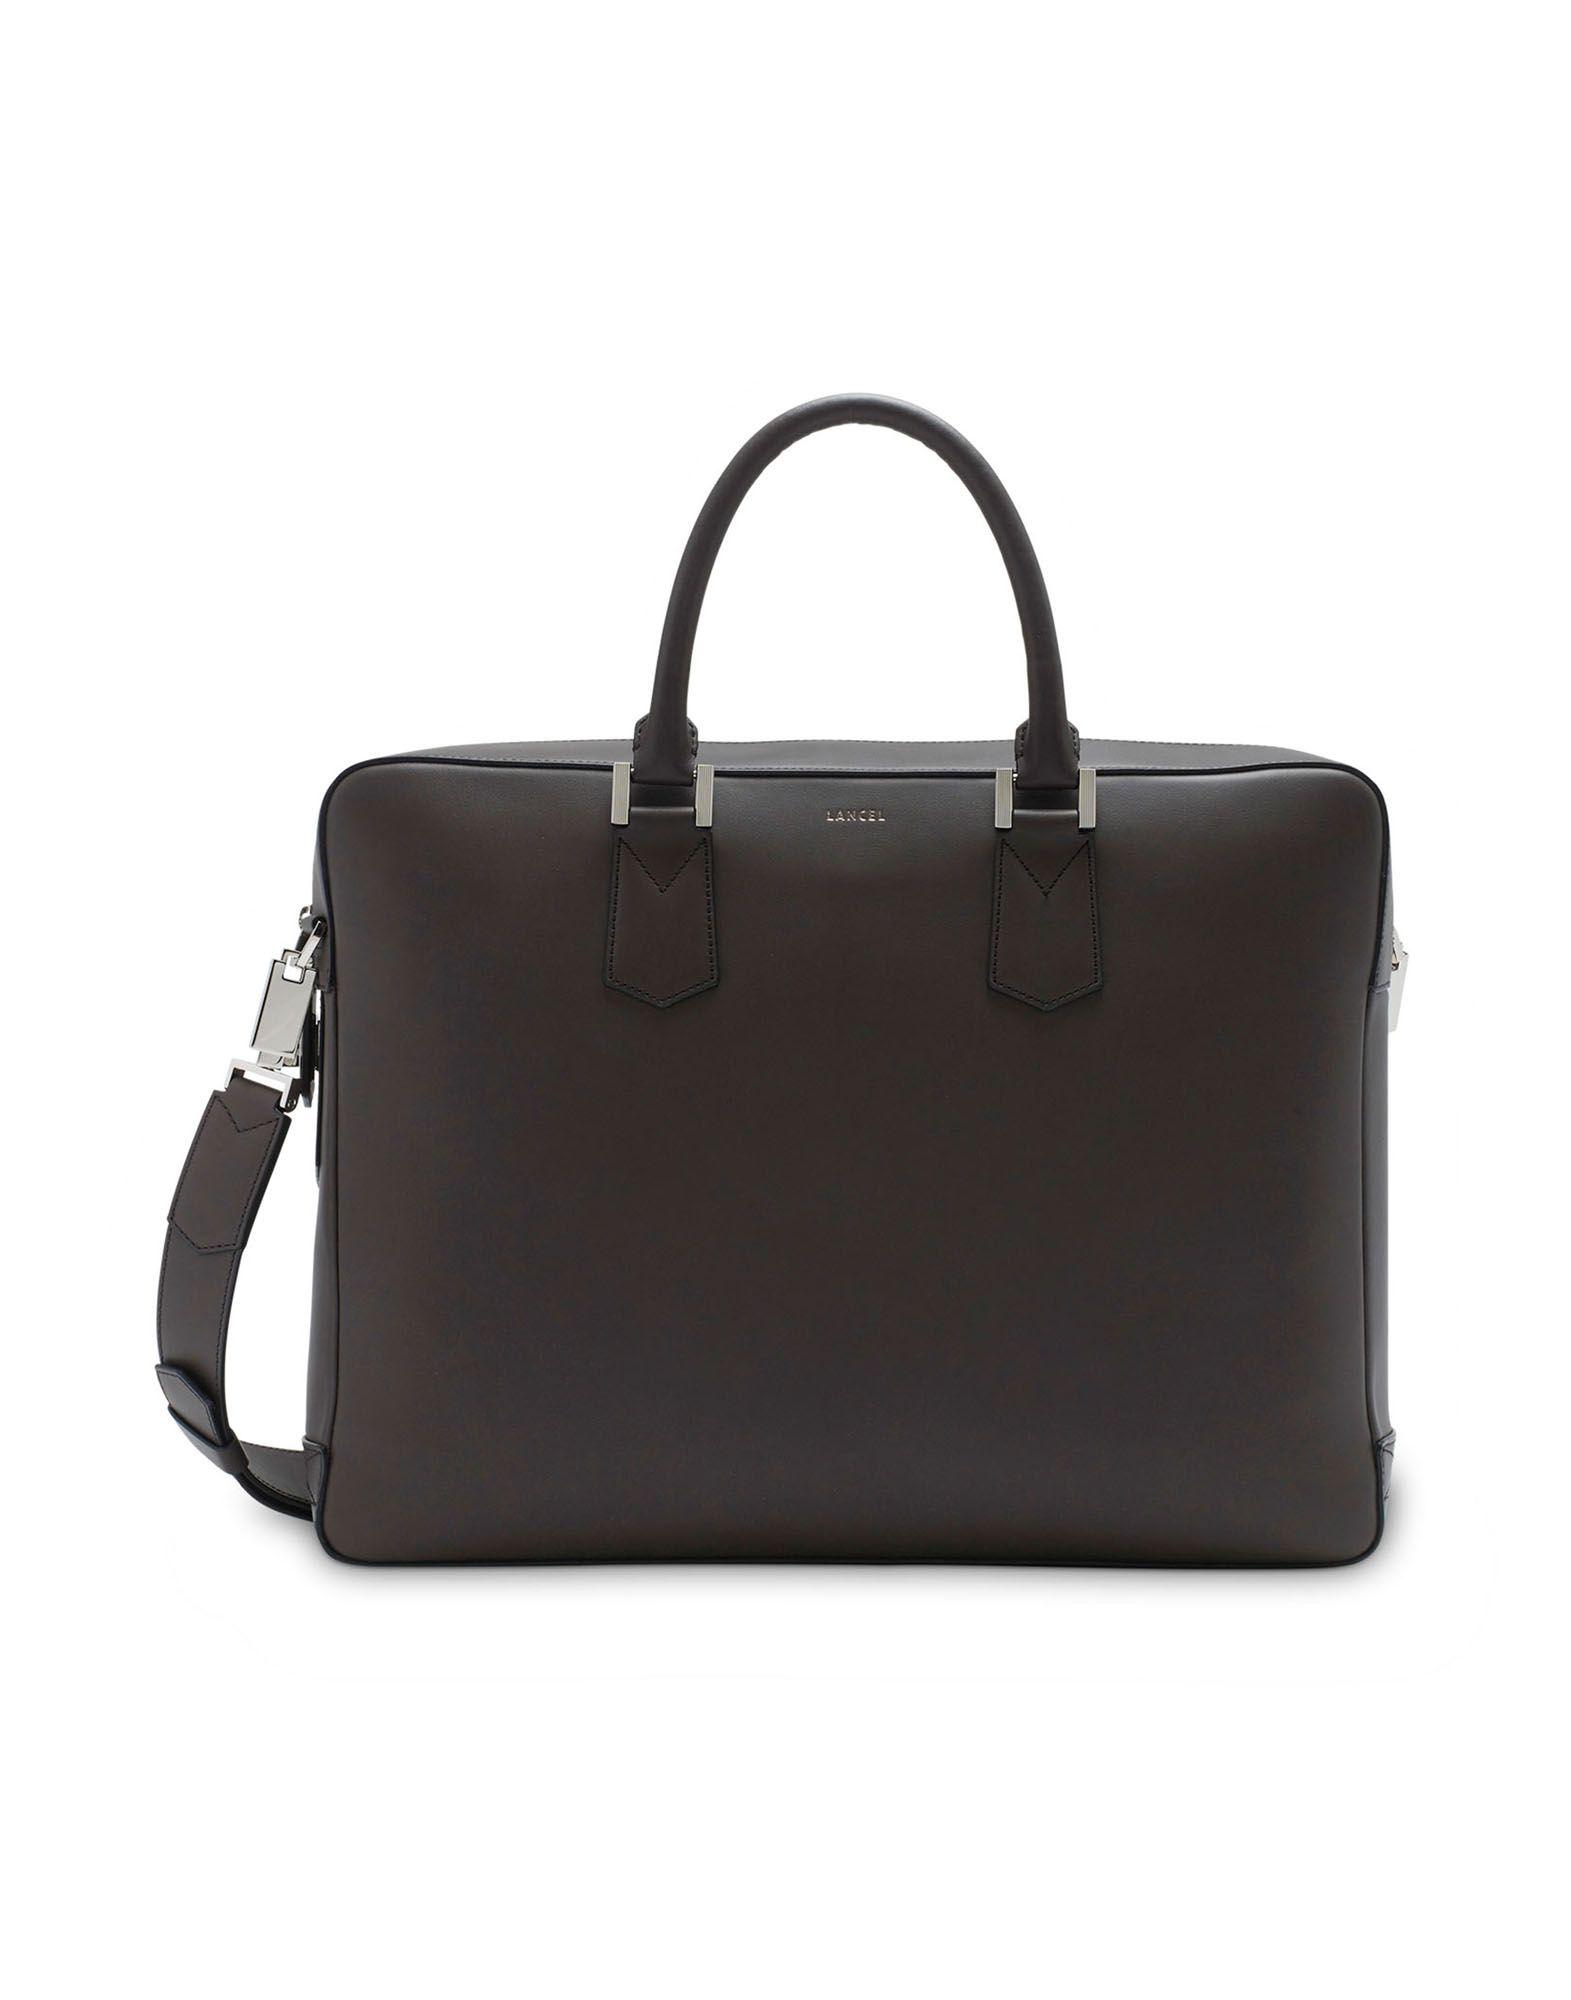 LANCEL Деловые сумки 2015 году новые сумки для большой сумка кожа моды осень зима кисточкой сумка baodan в европе и америке плечо сумка